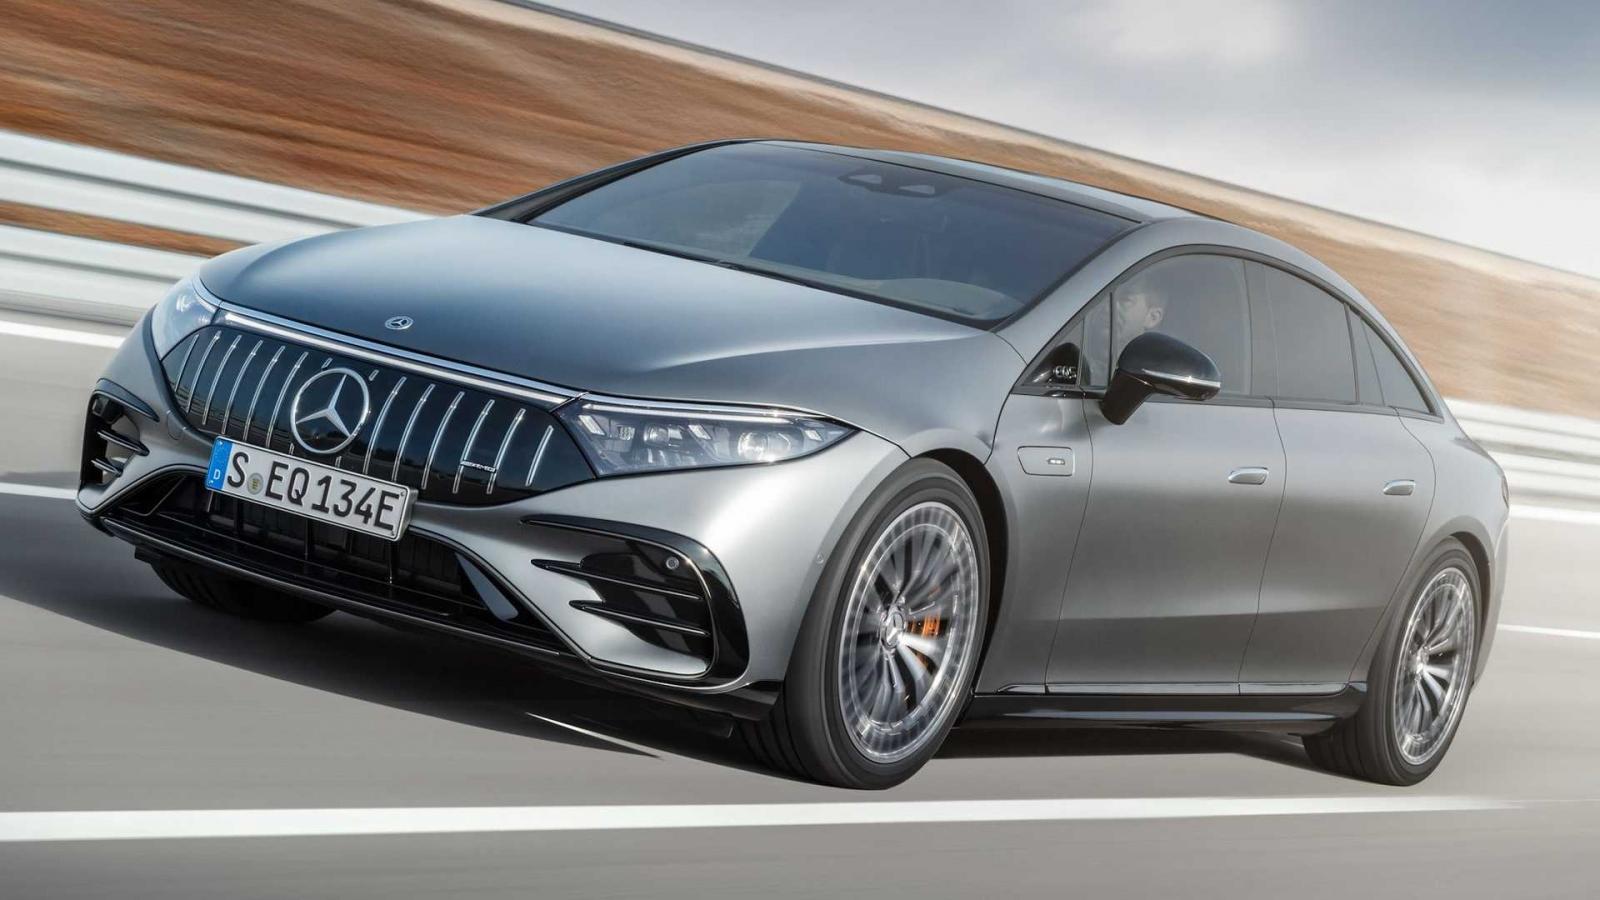 Cận cảnh Mercedes-AMG EQS 53 4Matic+ xe điện hiệu suất cao AMG